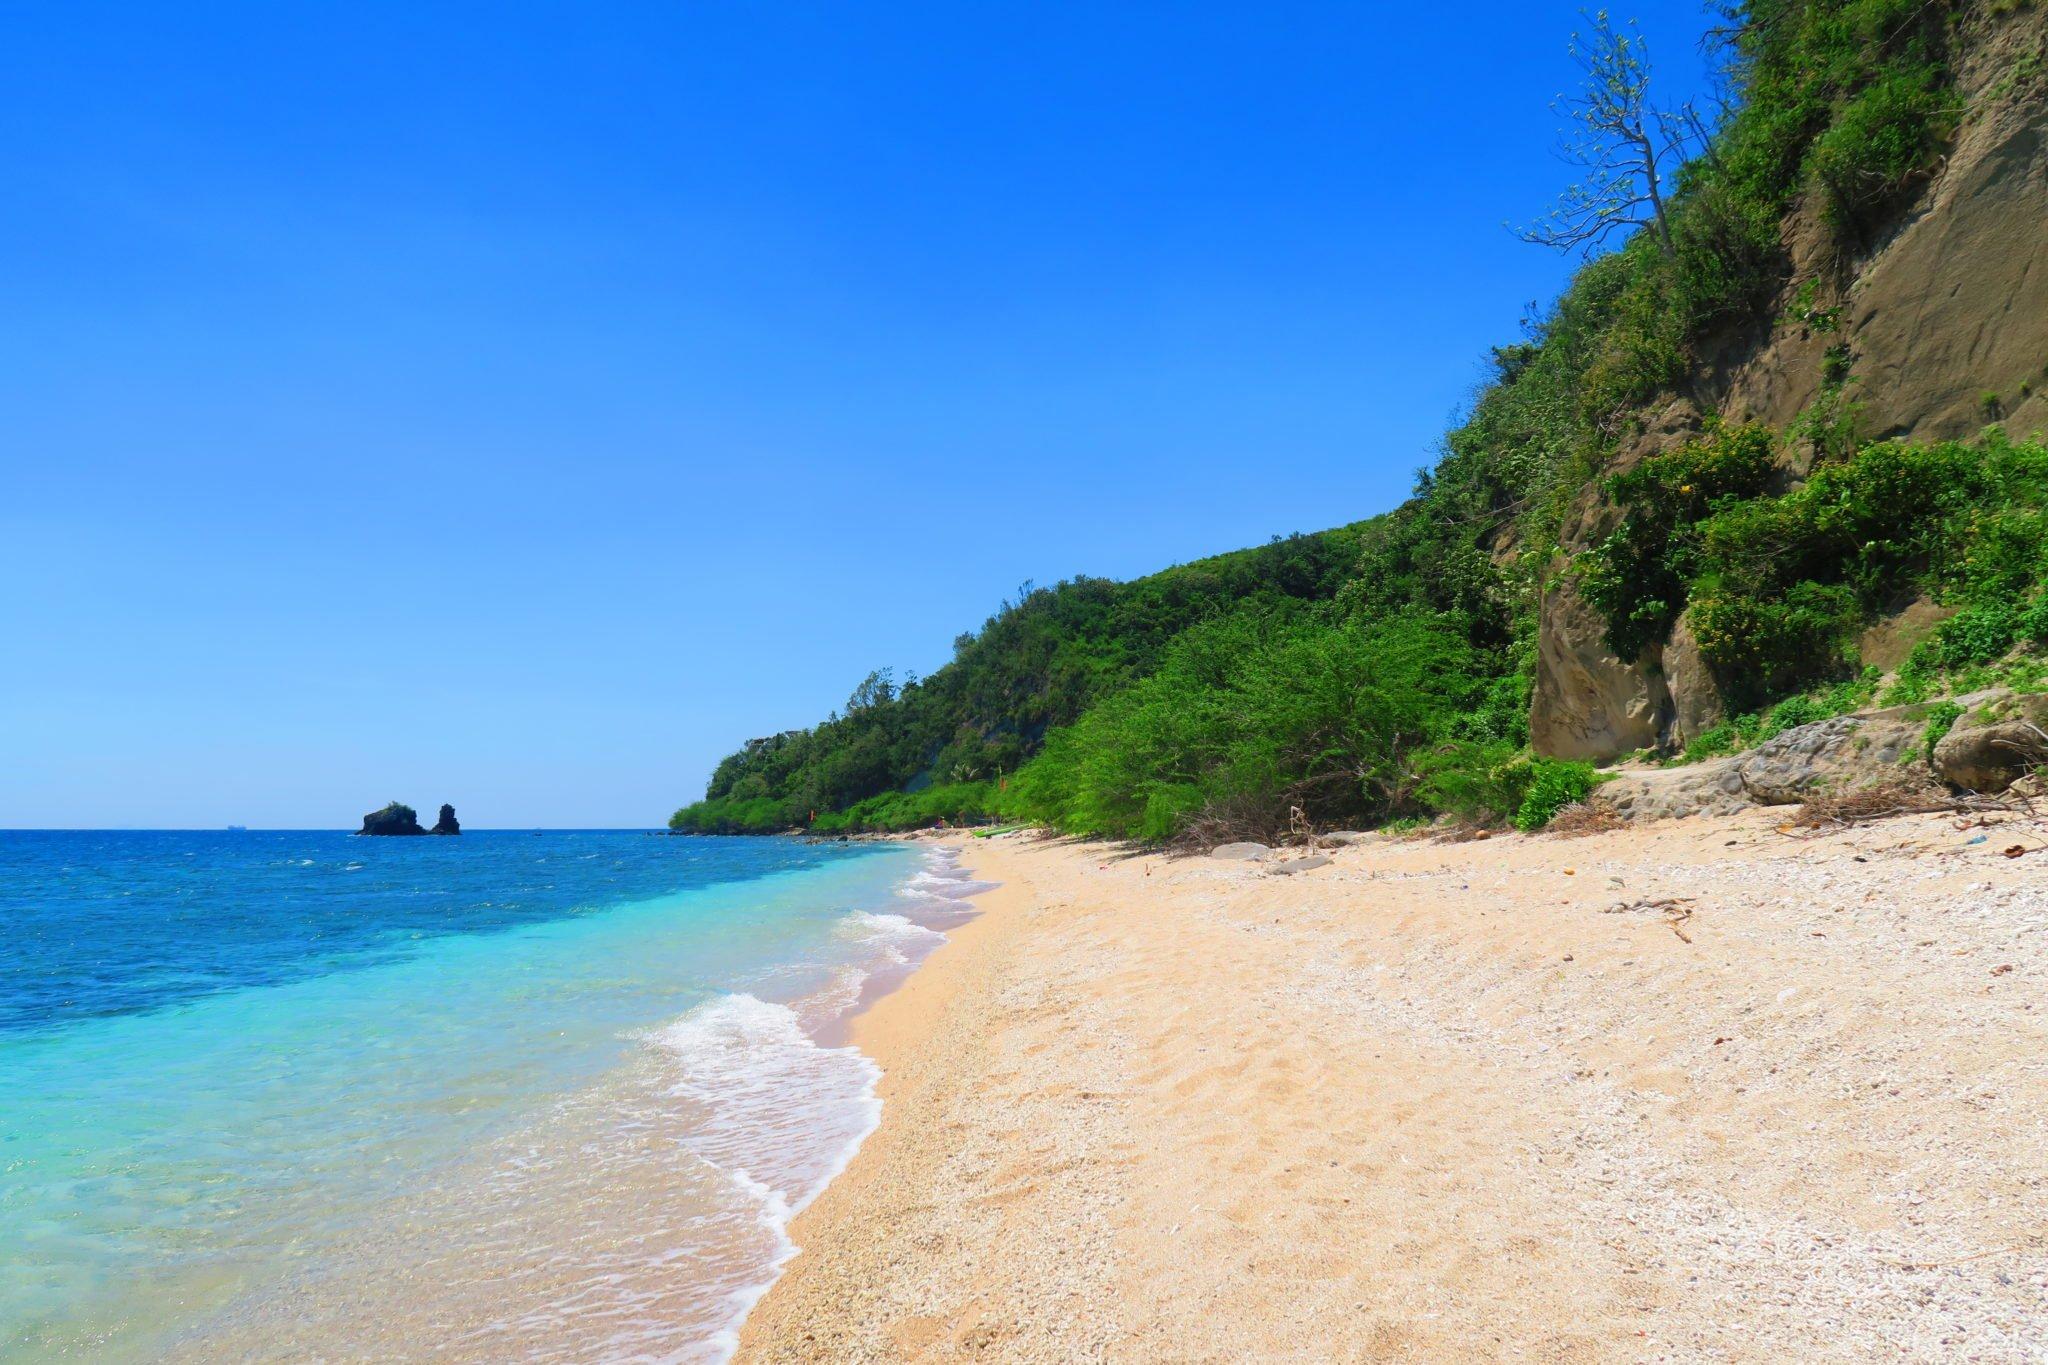 Beach Camp Batangas